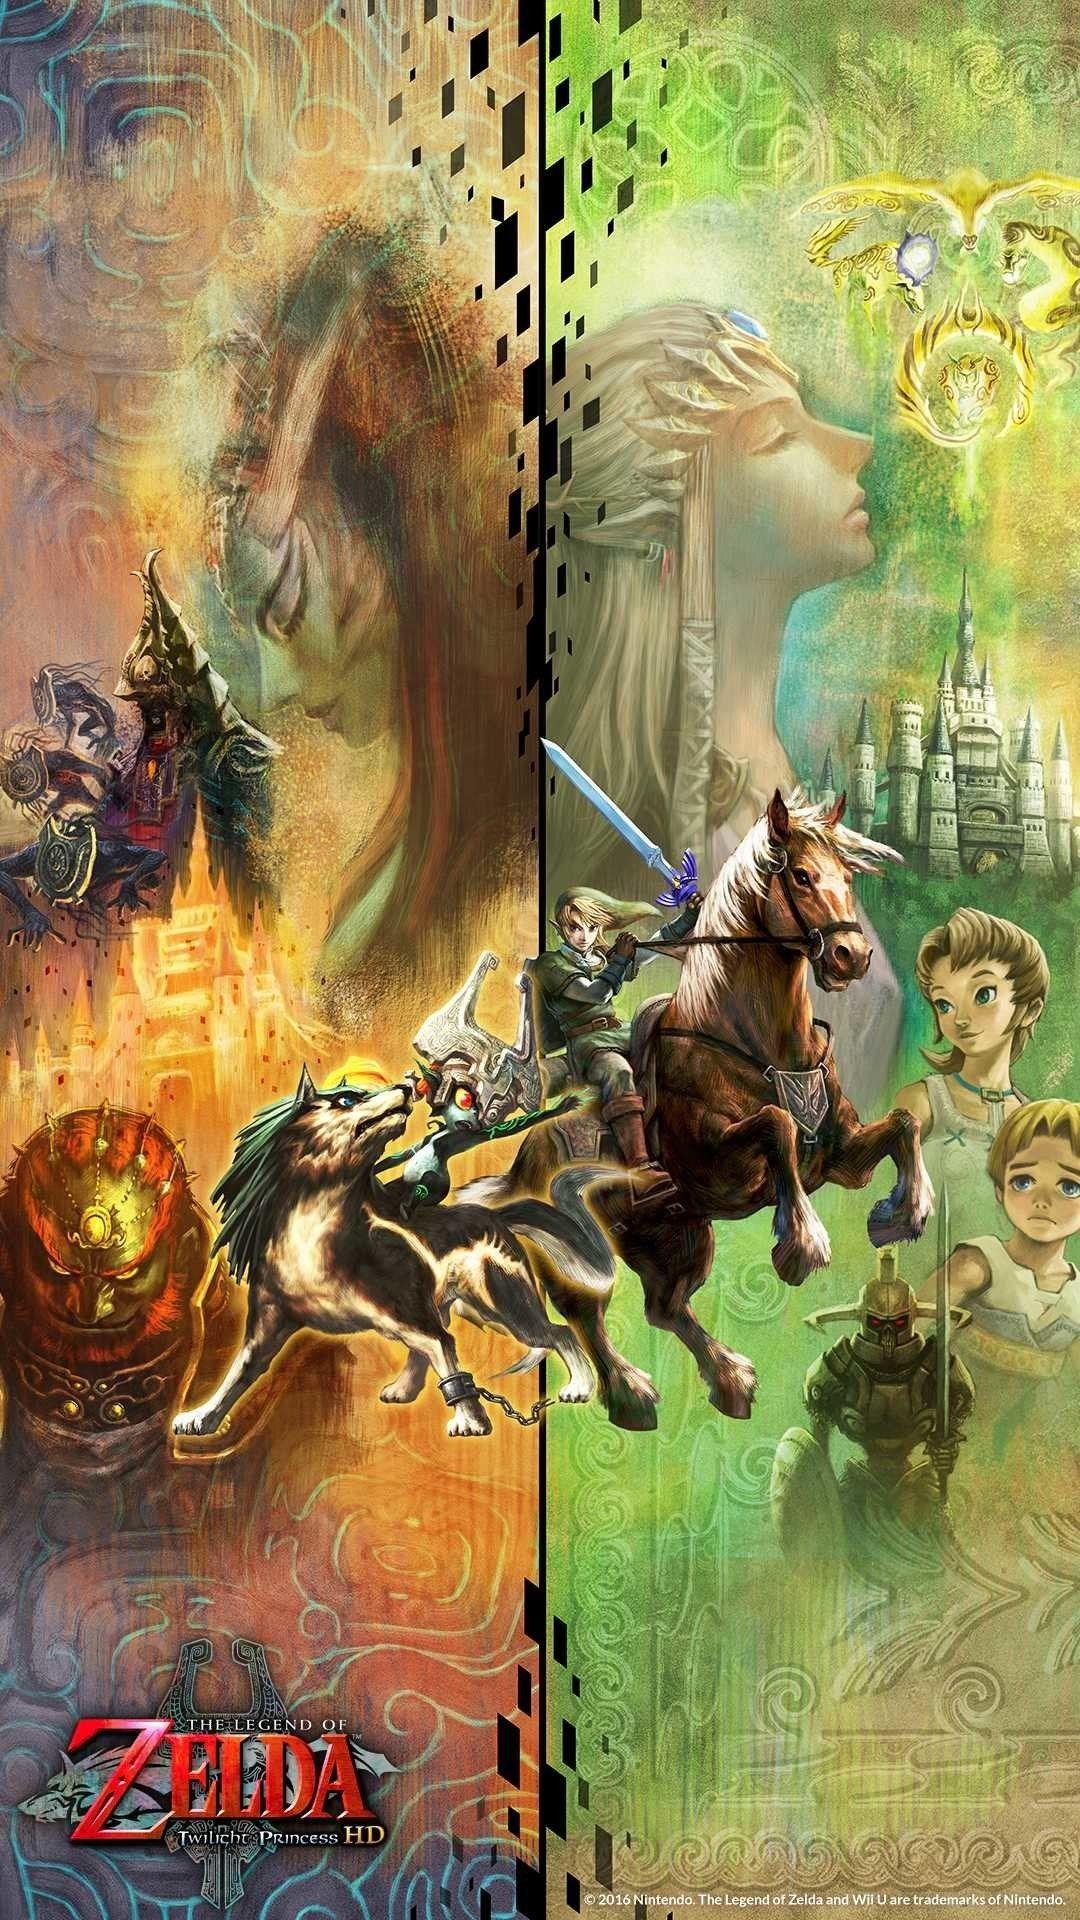 Zelda Characters Wallpaper 2 In 2020 Legend Of Zelda Tattoos Zelda Art Legend Of Zelda